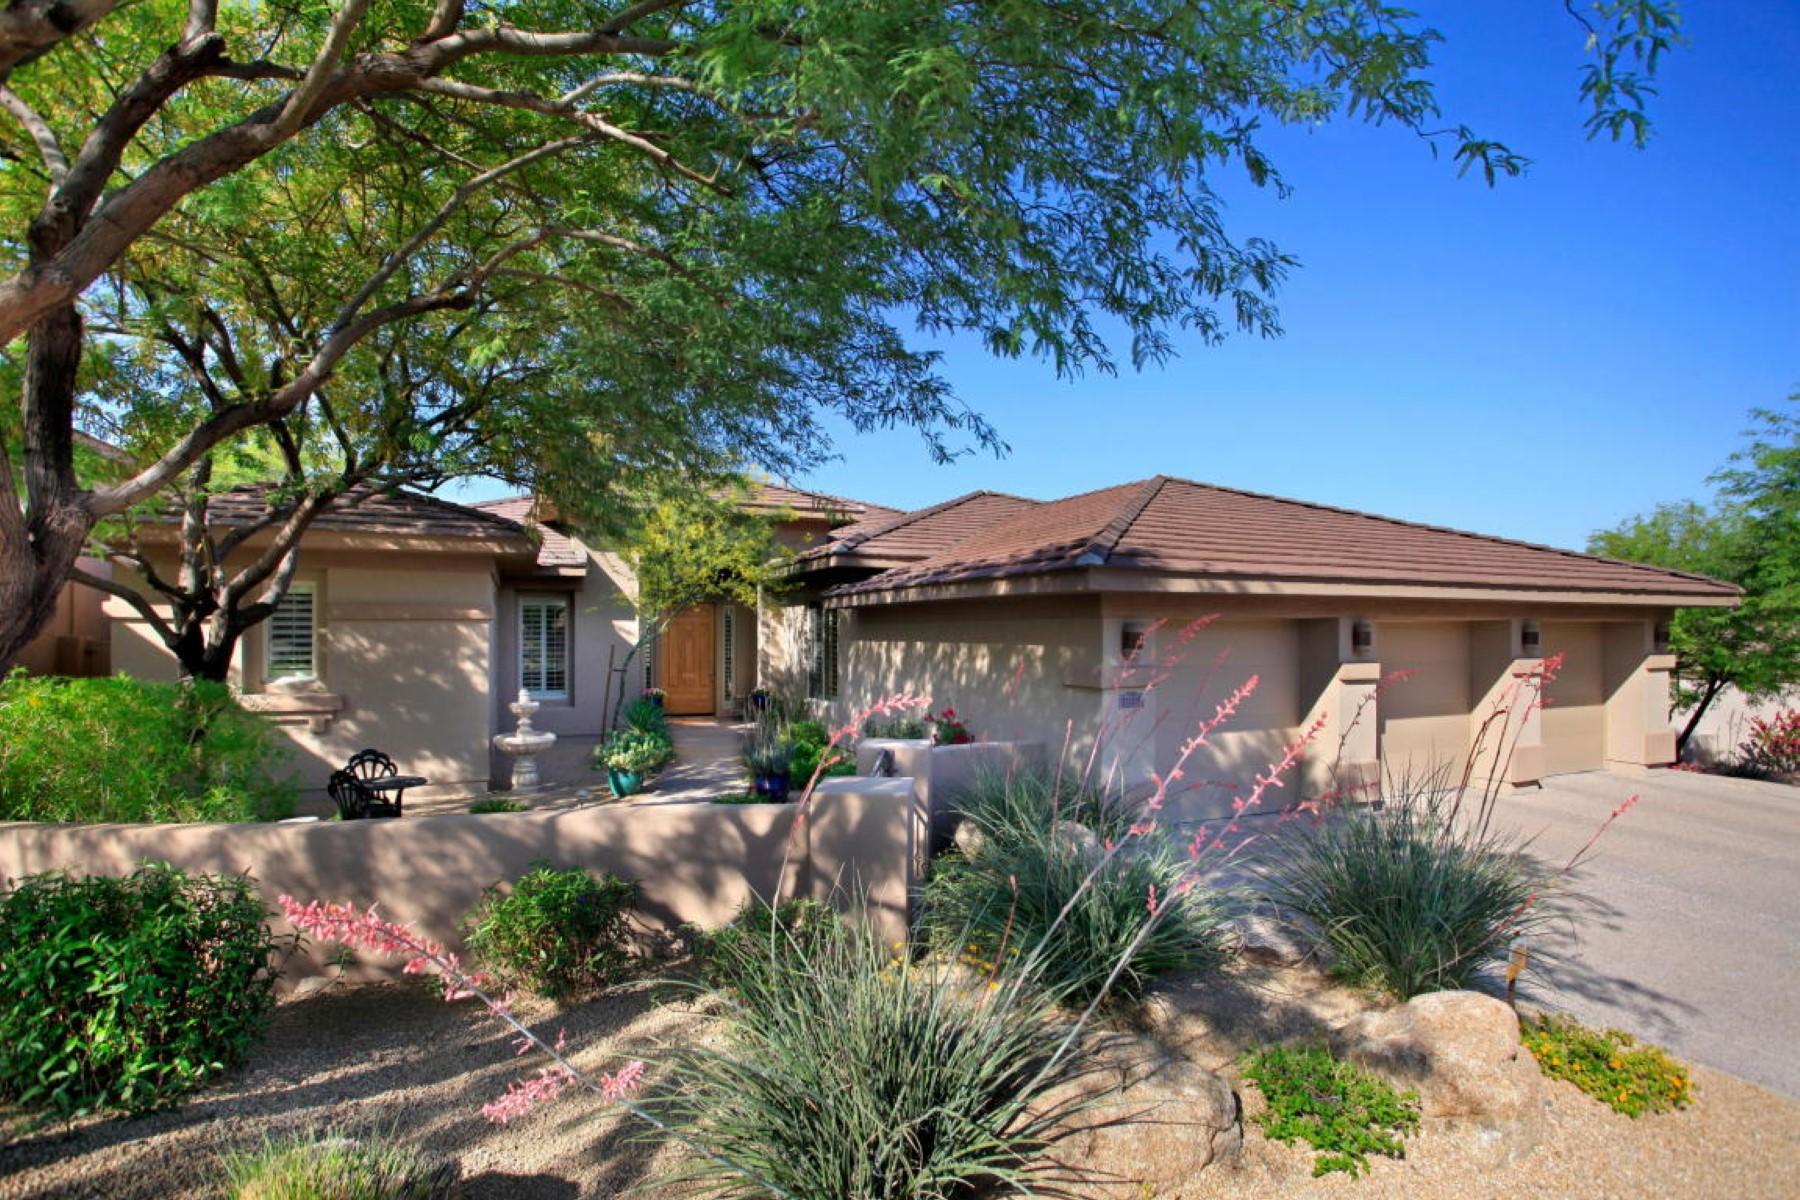 一戸建て のために 売買 アット Beautiful Mcdowell Mountain Ranch Parcel 11305 E Autumn Sage Dr Scottsdale, アリゾナ, 85255 アメリカ合衆国